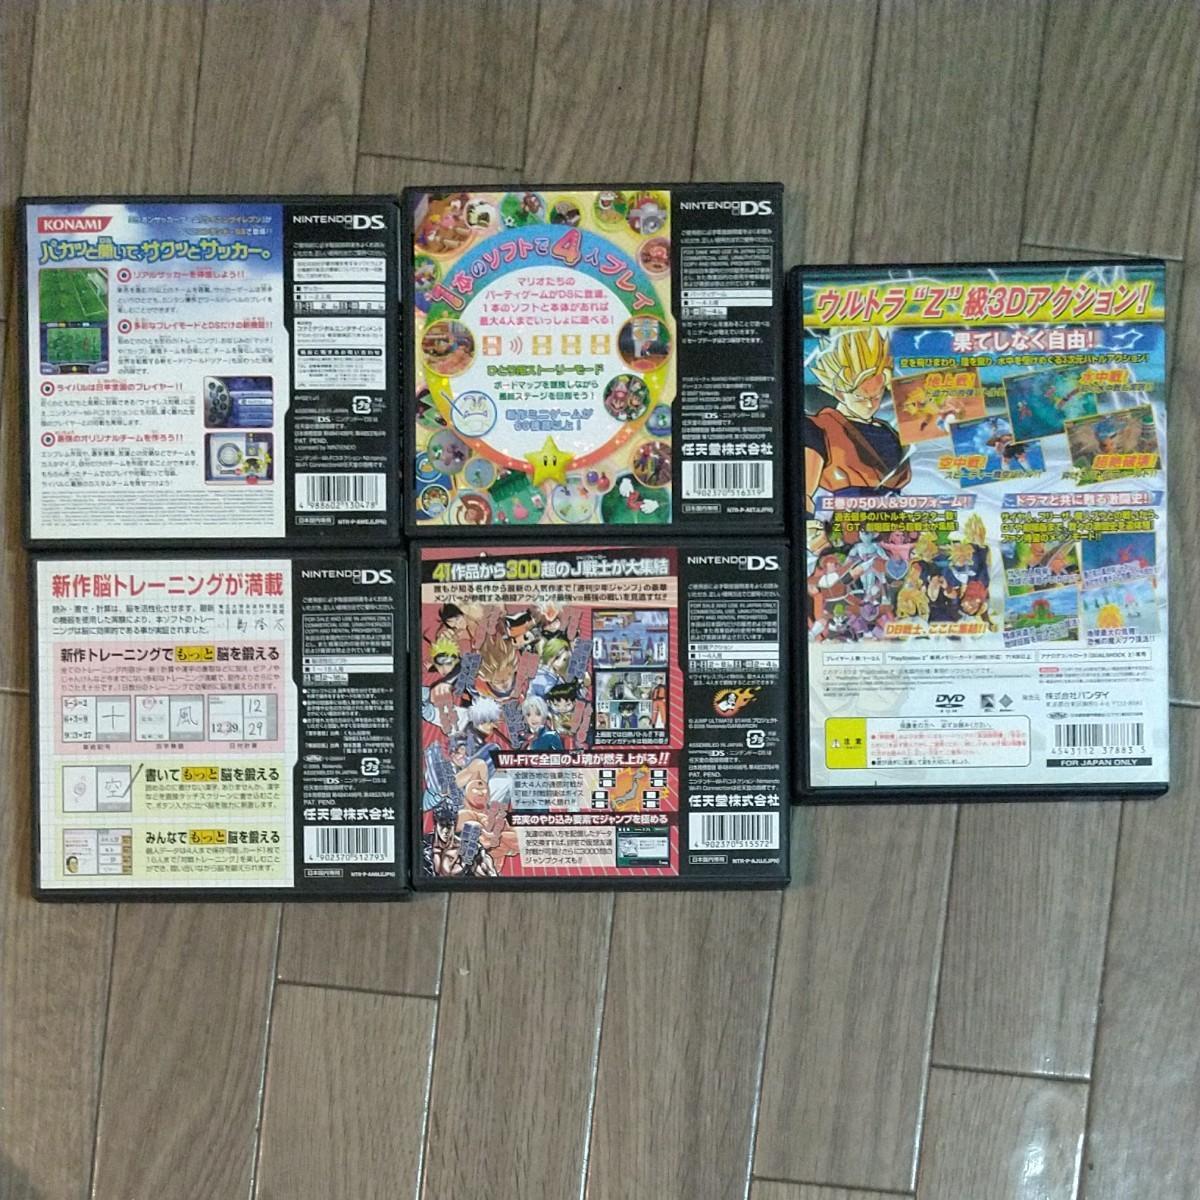 Nintendo DS 、PS2ソフトセット ウィニングイレブン、マリオパーティ、ドラゴンボール、脳トレ